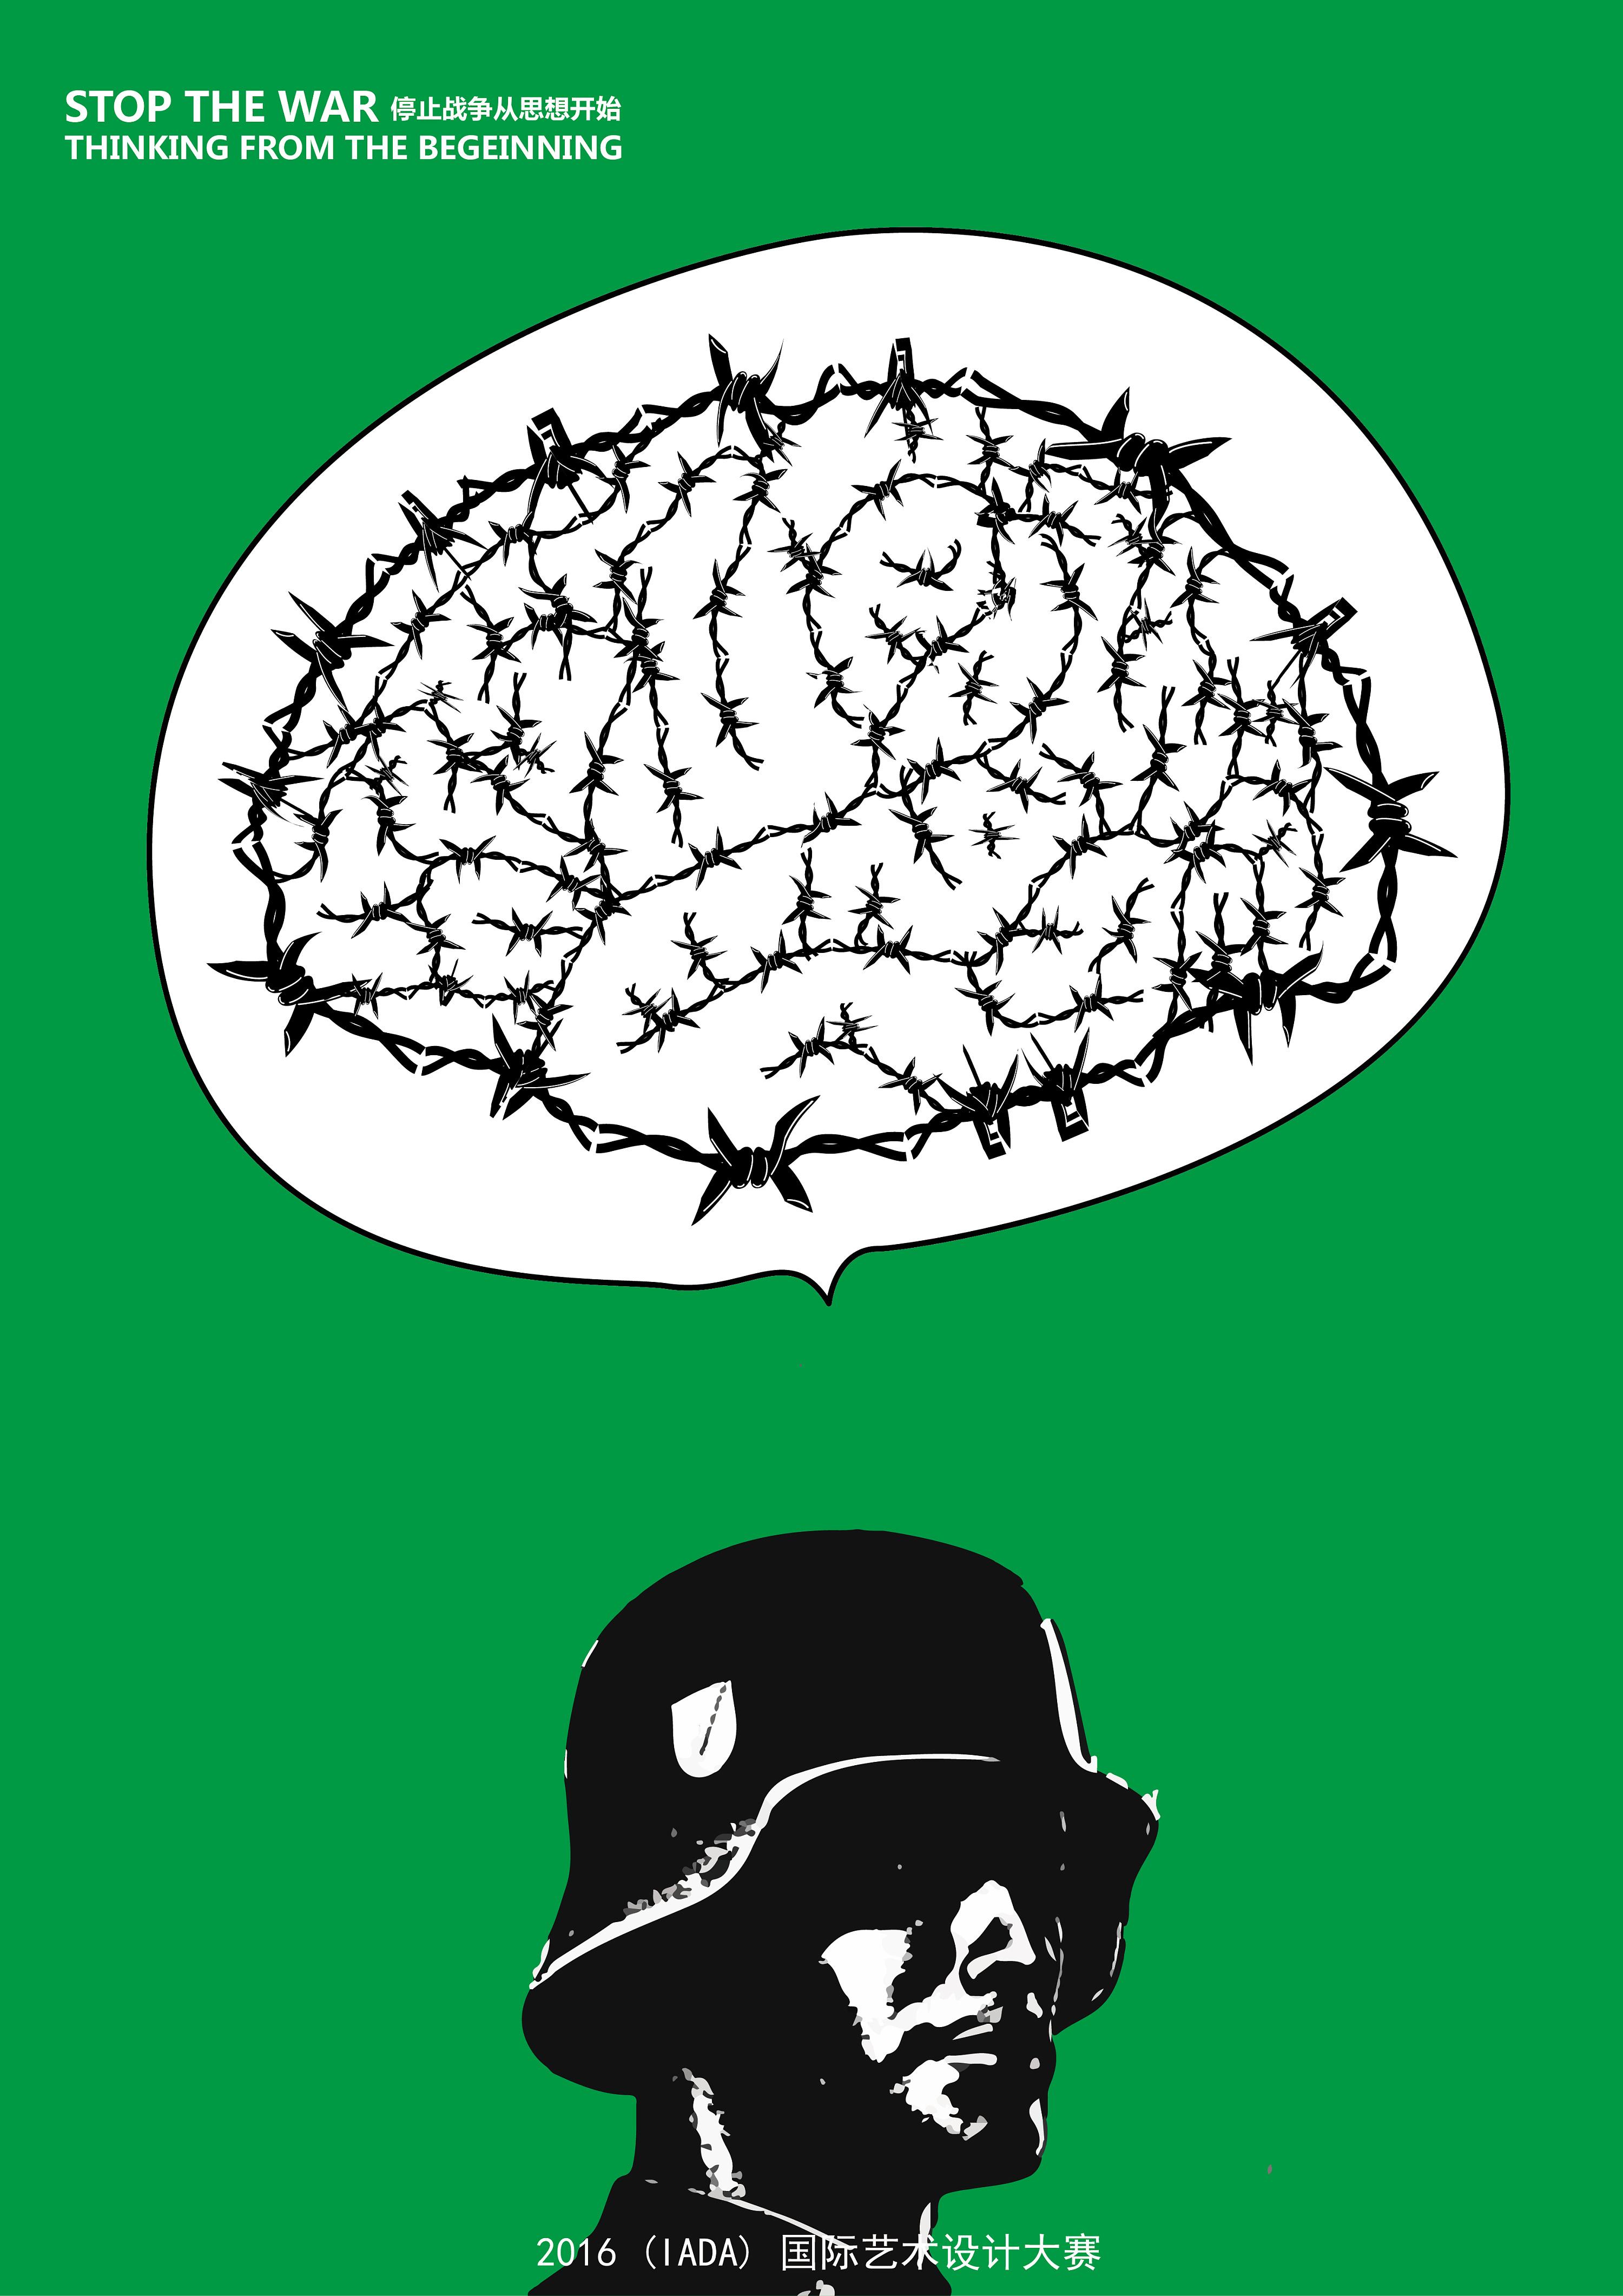 招贴设计/反战题材海报图片